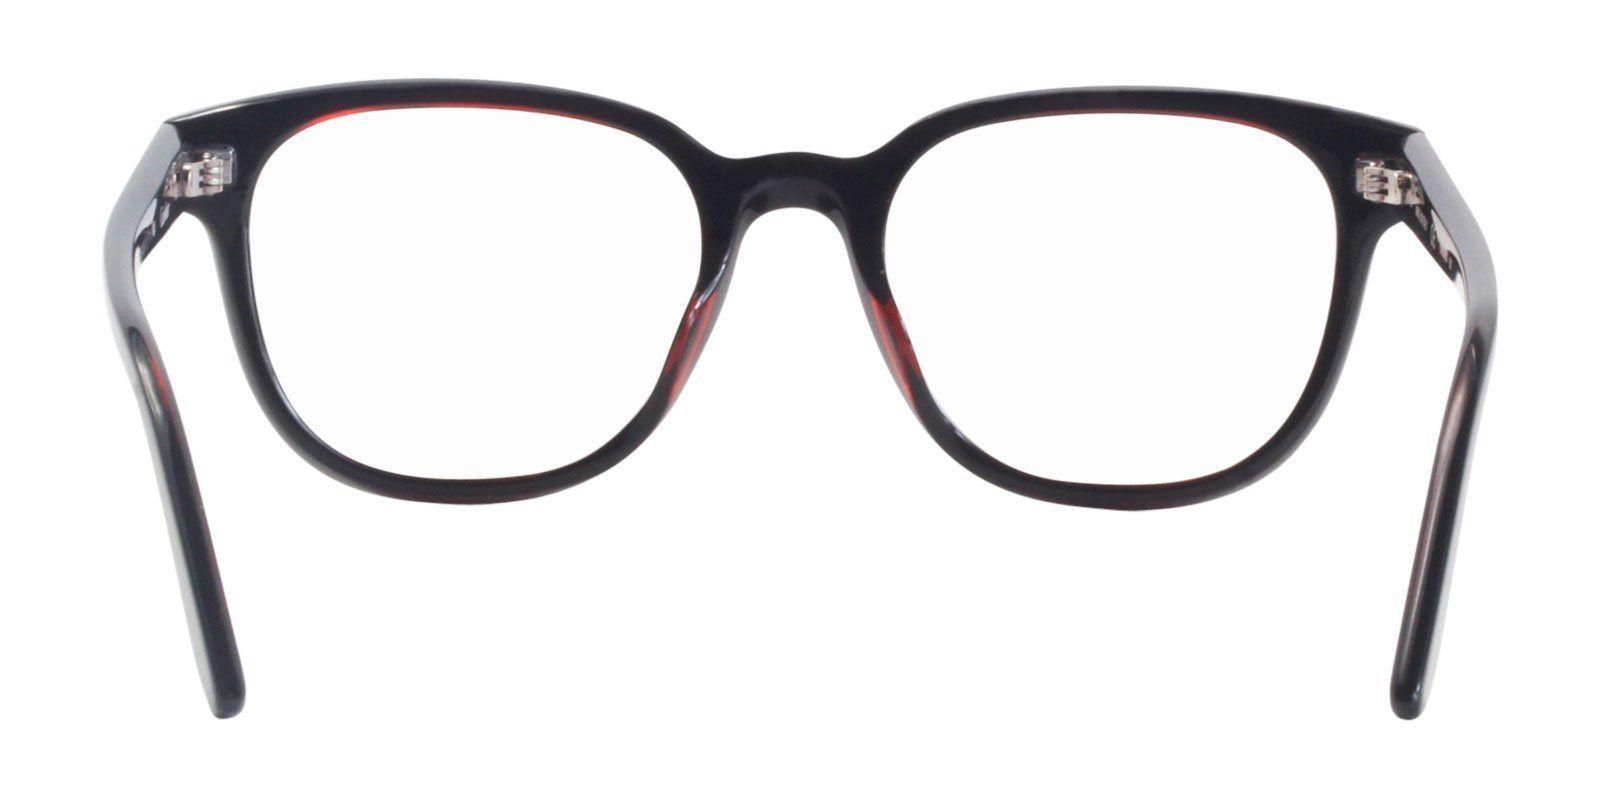 2544c3b0a726 Cartier - Signature C de Cartier CT0006O - 001 eyeglasses